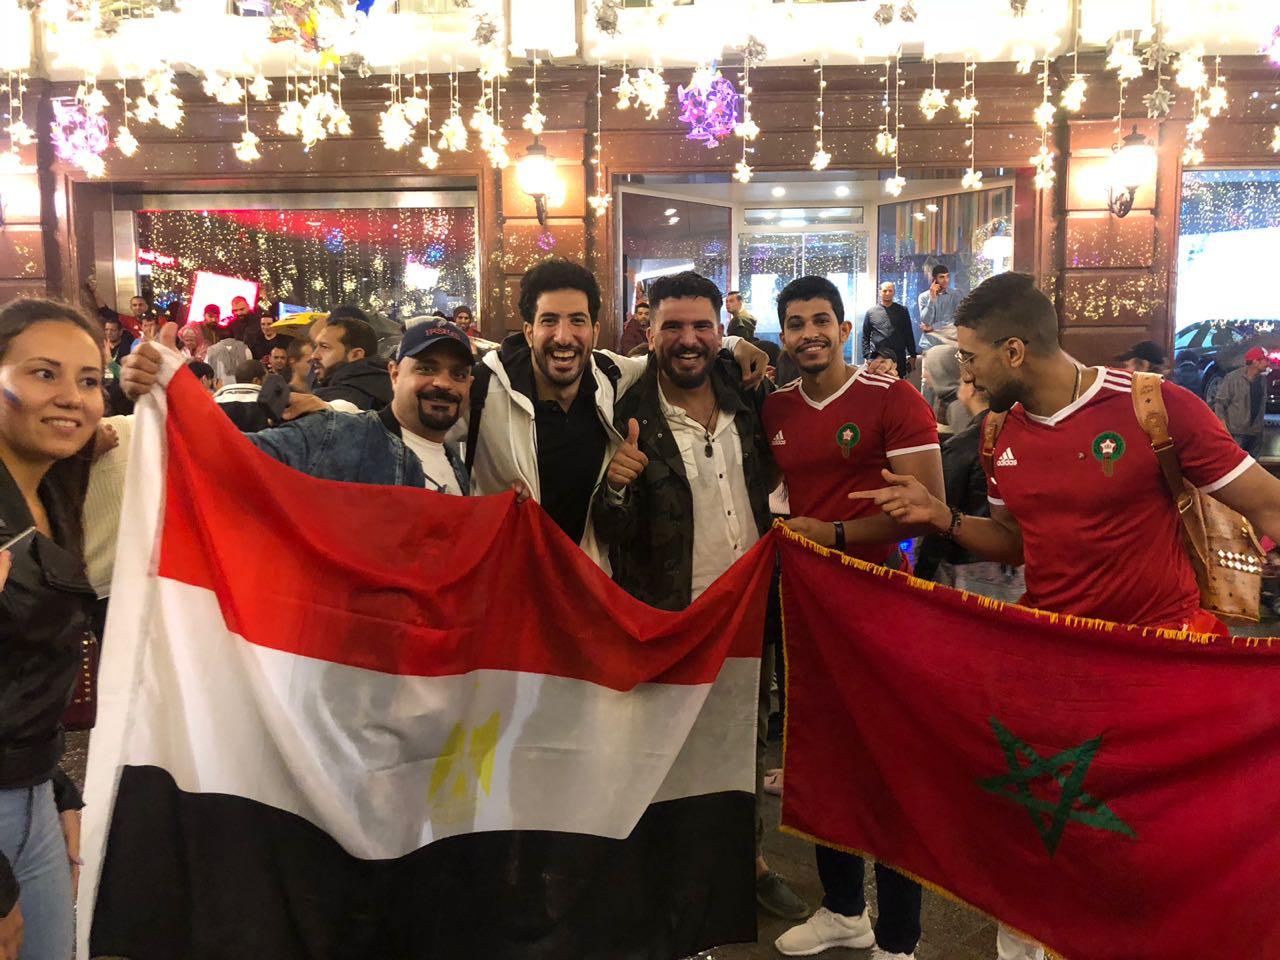 الفرحة تملئ وجوه المصرين مع أشقاء مغاربة